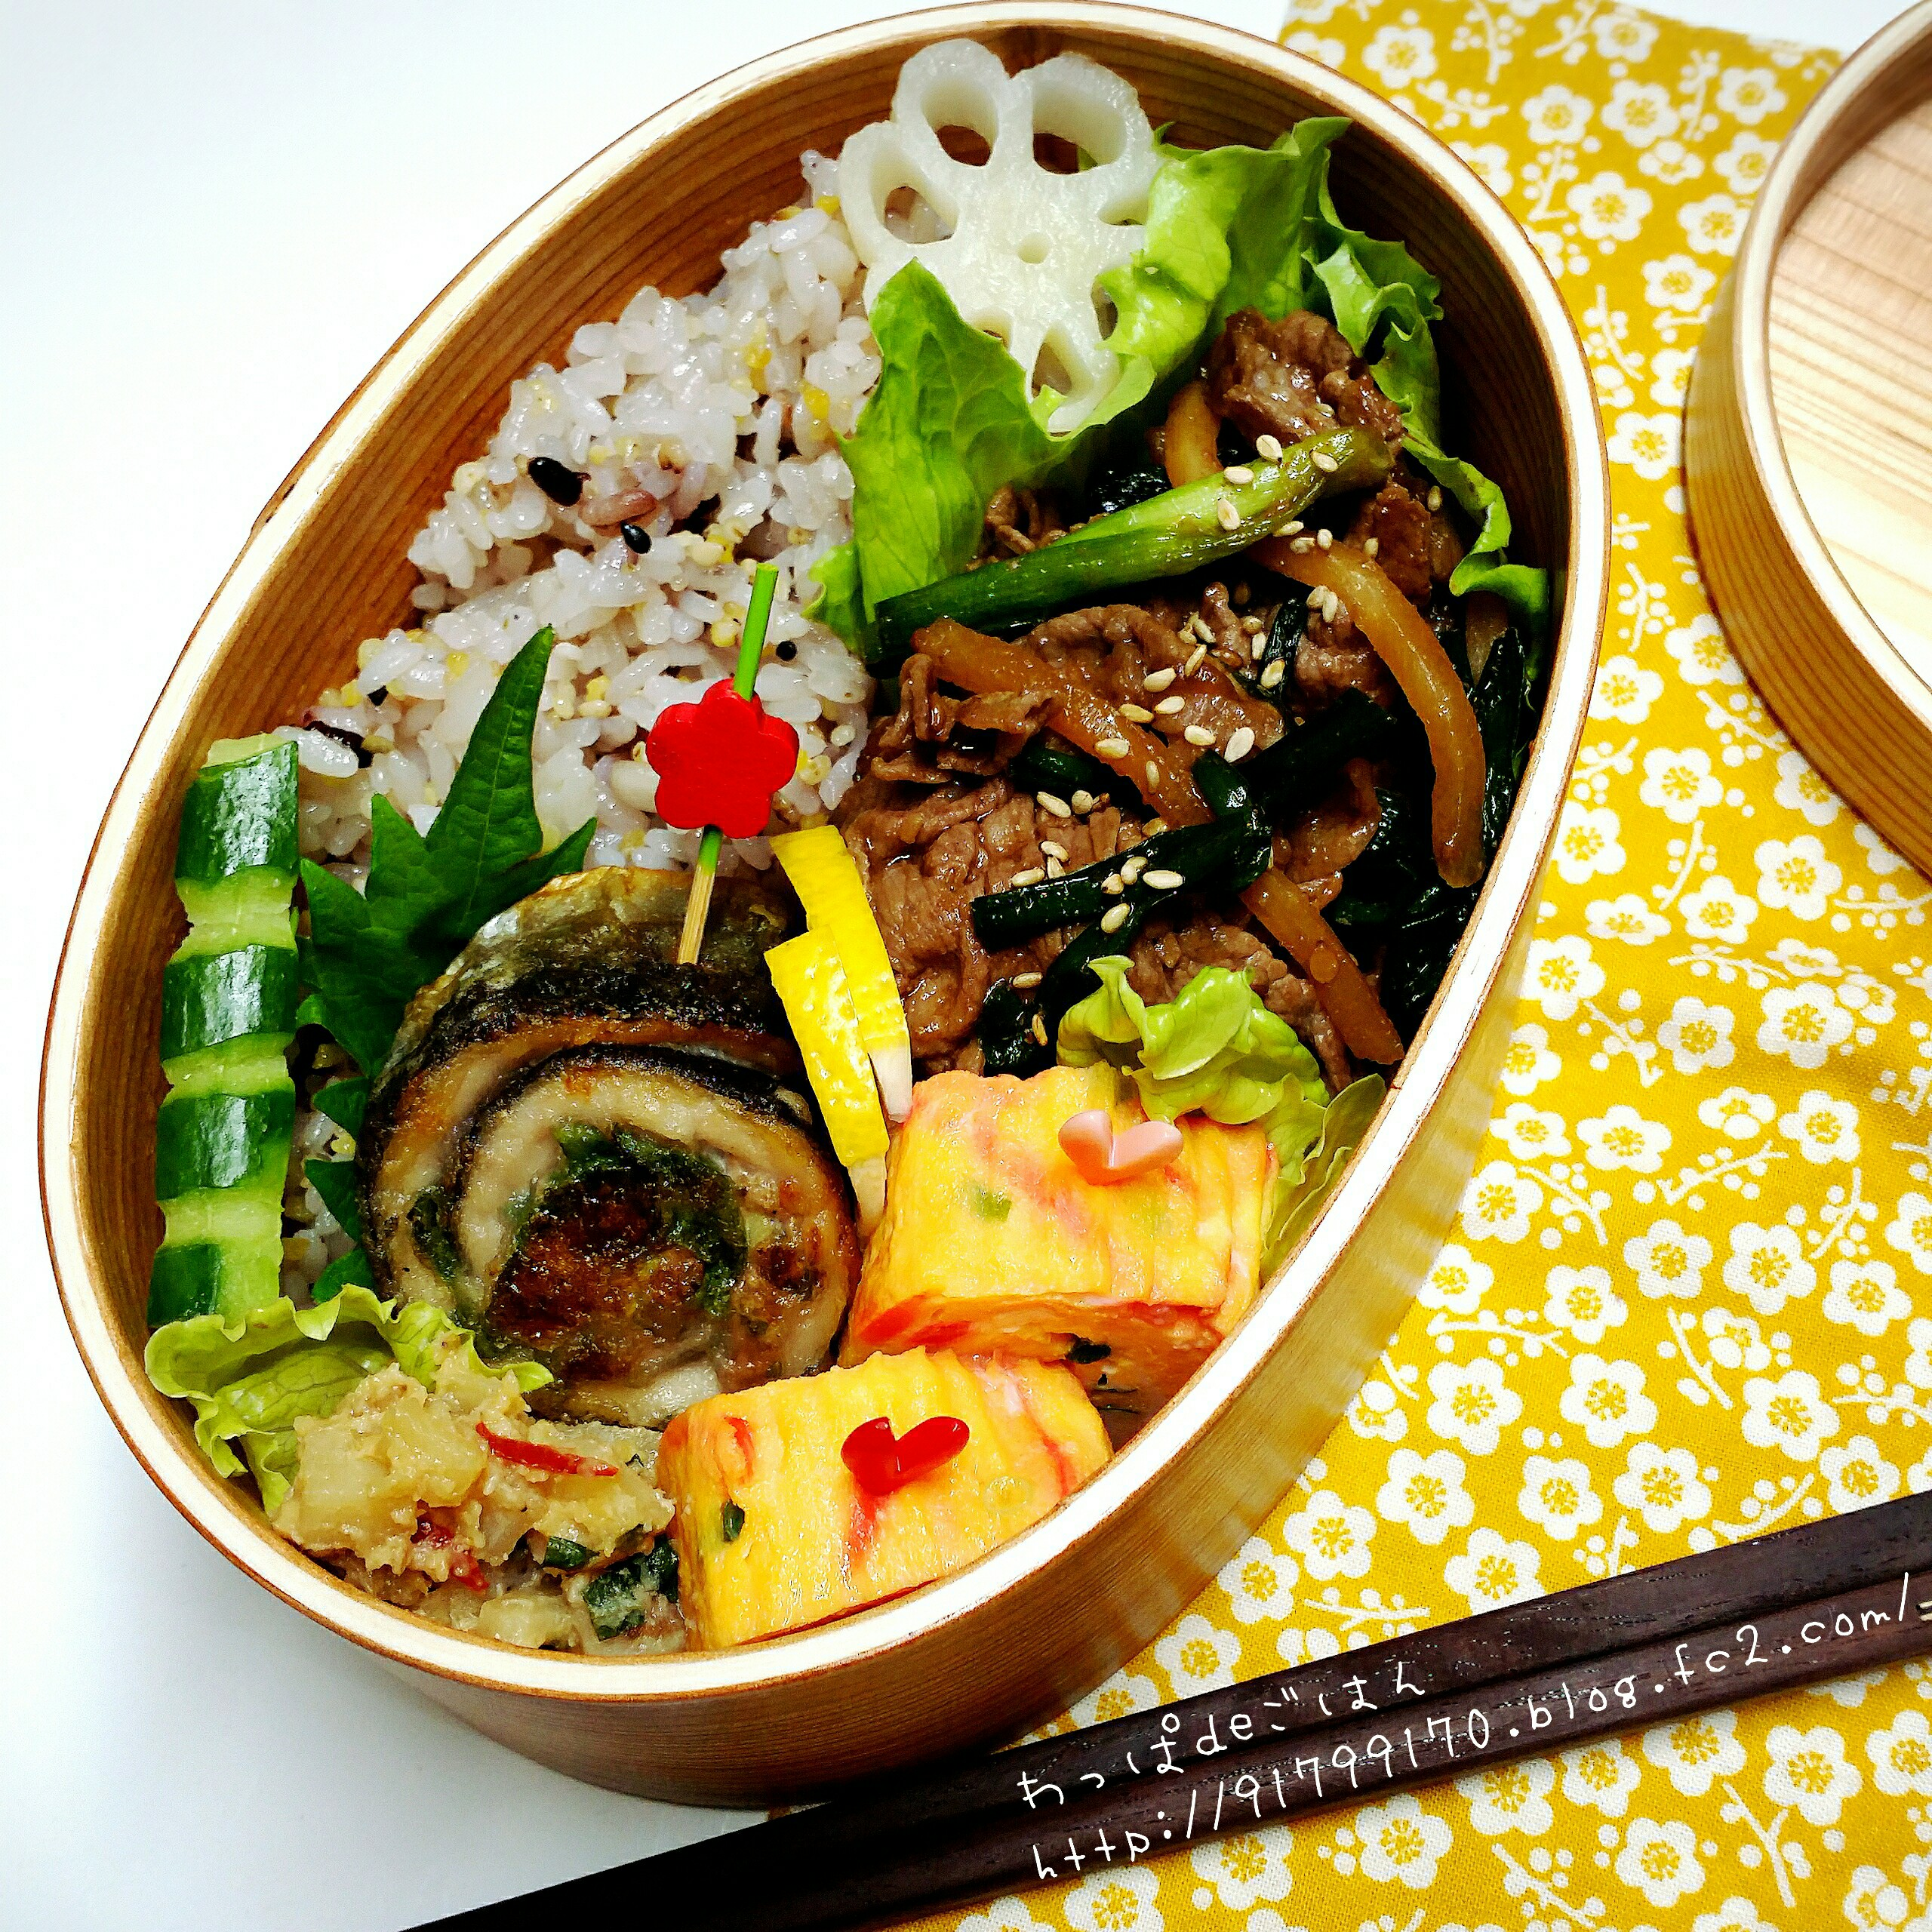 秋刀魚の梅しそ巻きと焼き肉弁当